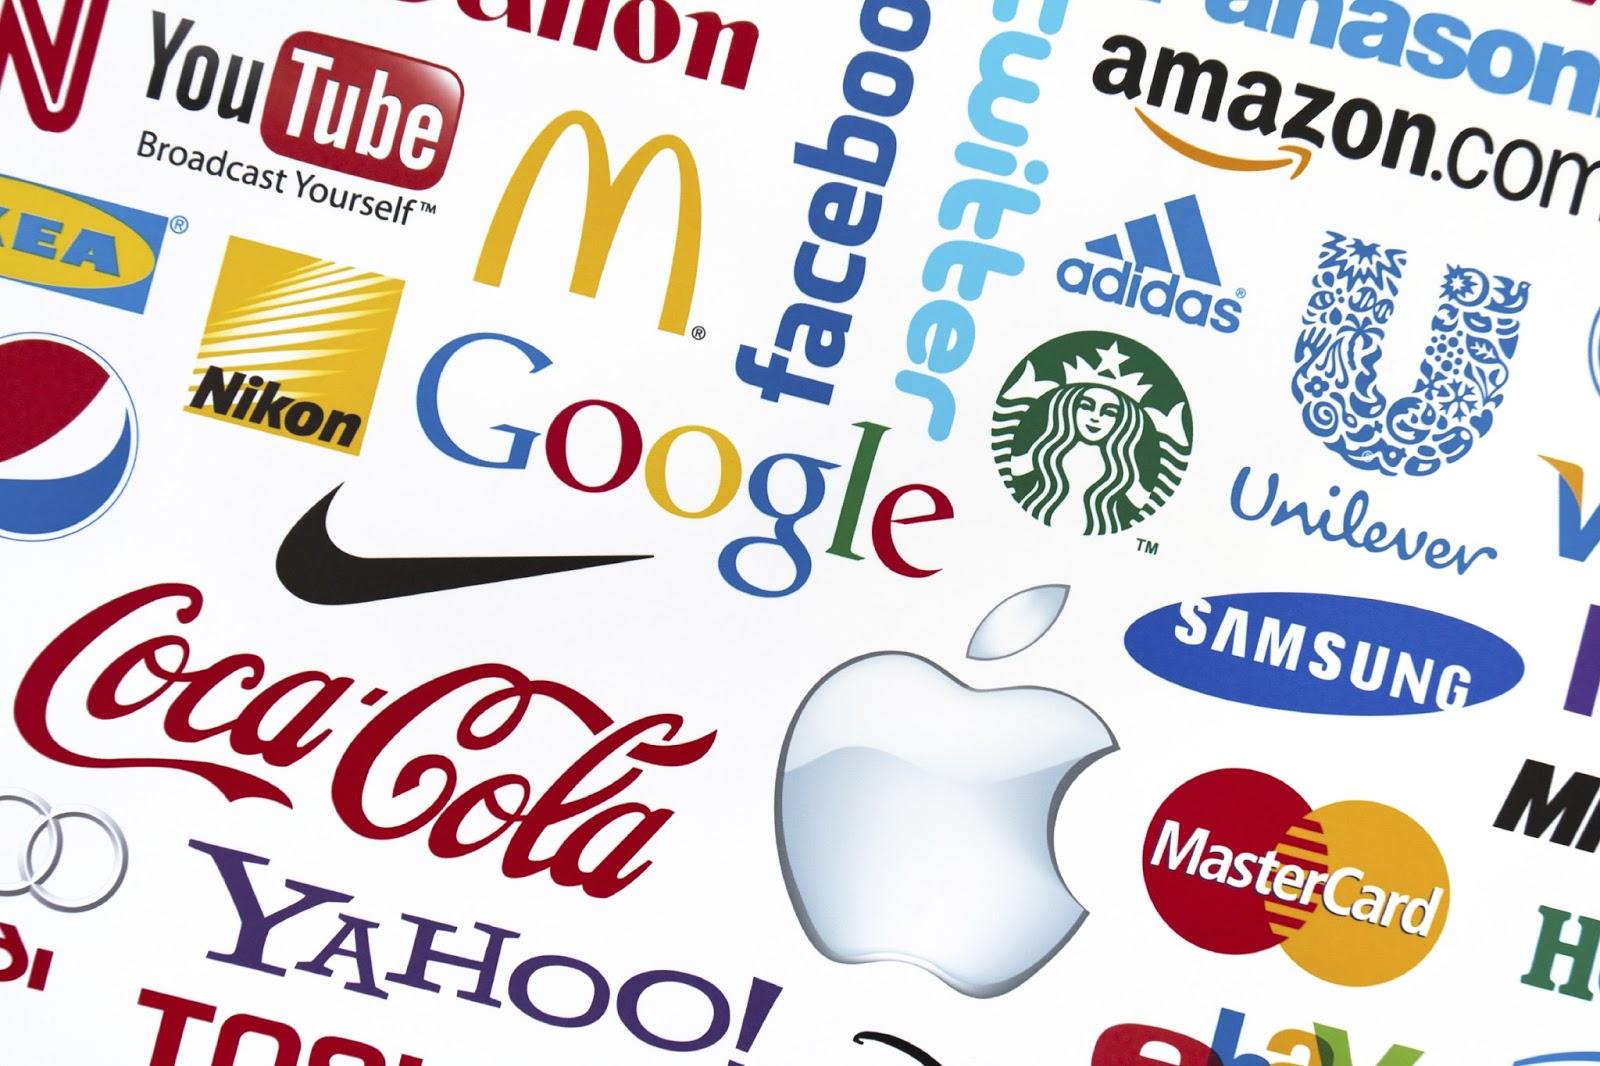 العلامة التجارية – كيف تبني علامتك التجارية على الإنترنت ؟!